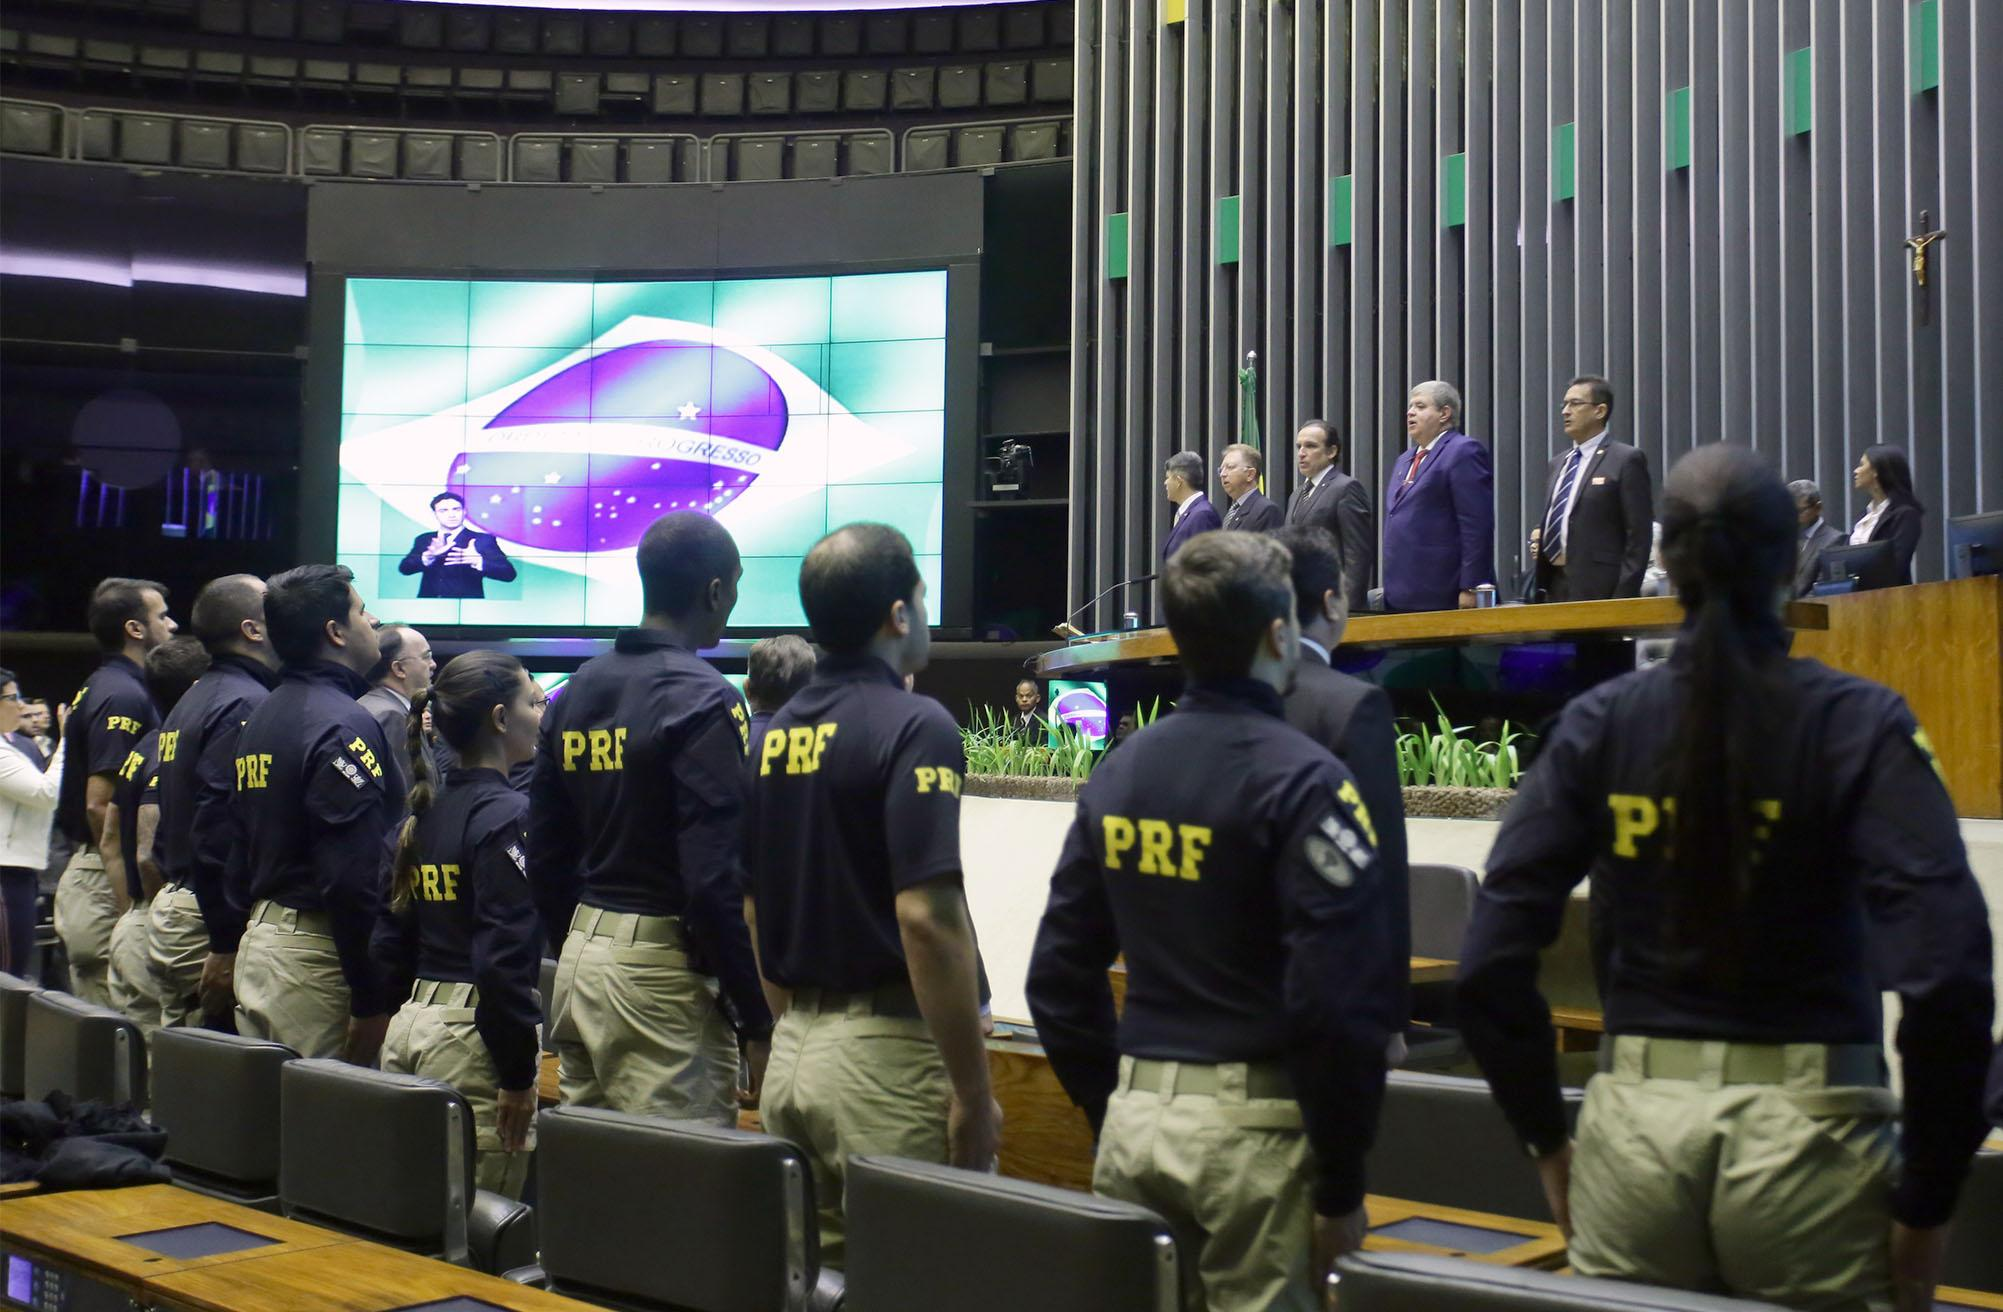 Homenagem à Polícia Rodoviária Federal